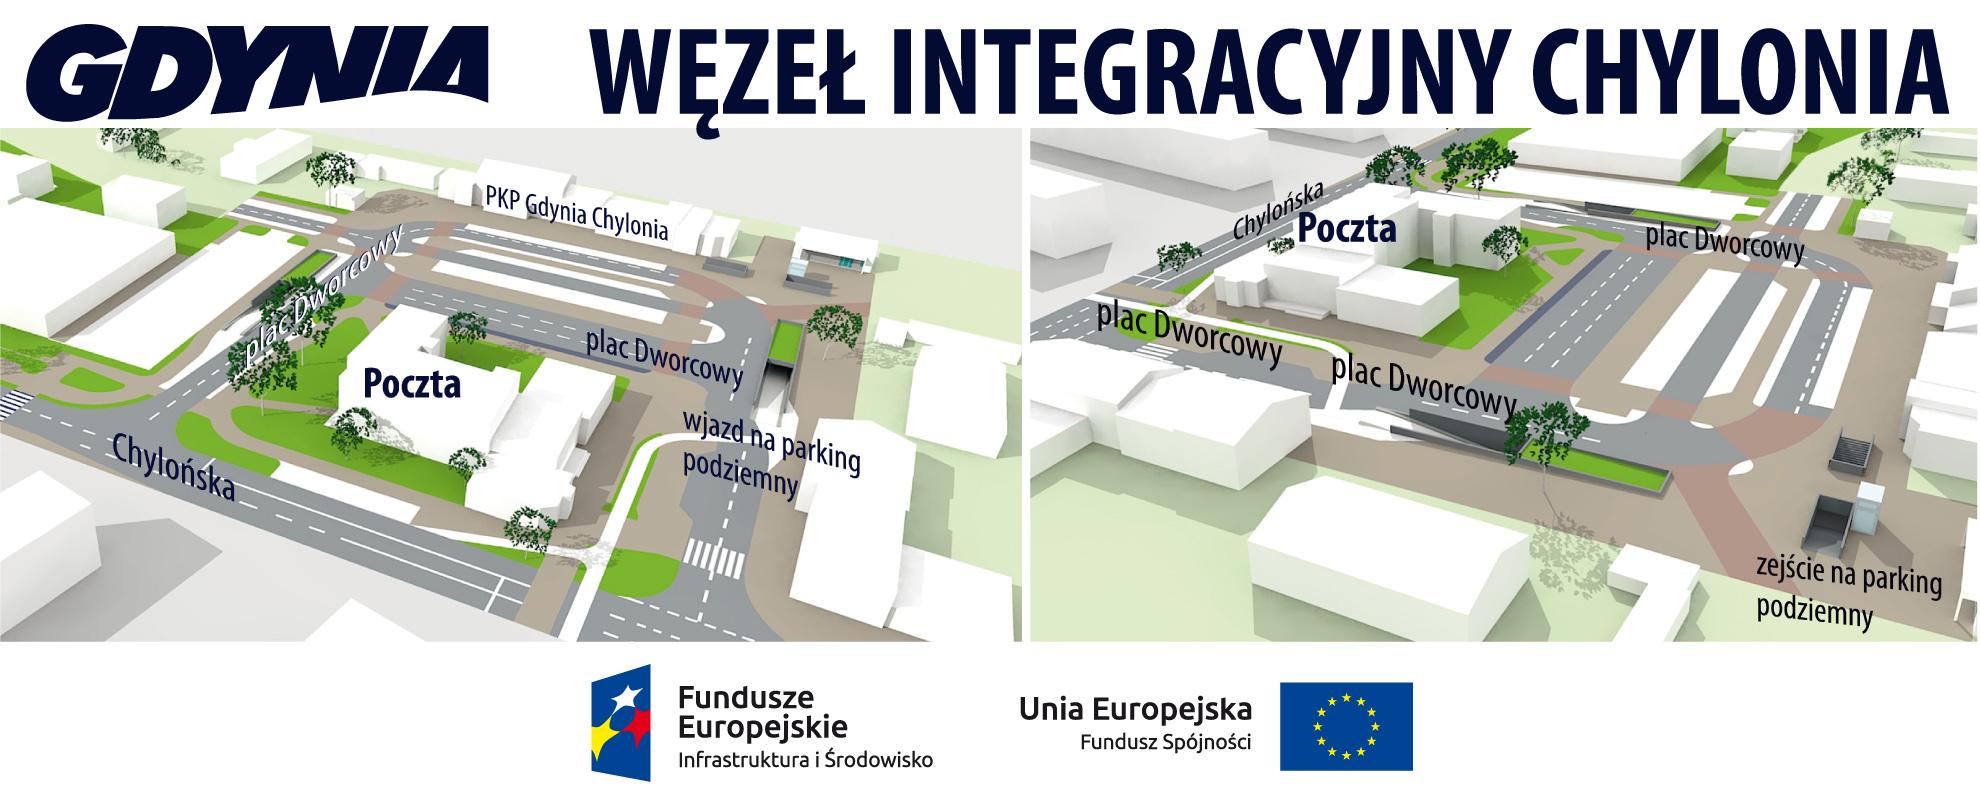 Węzeł integracyjny Gdynia Chylonia, mat. własne UM